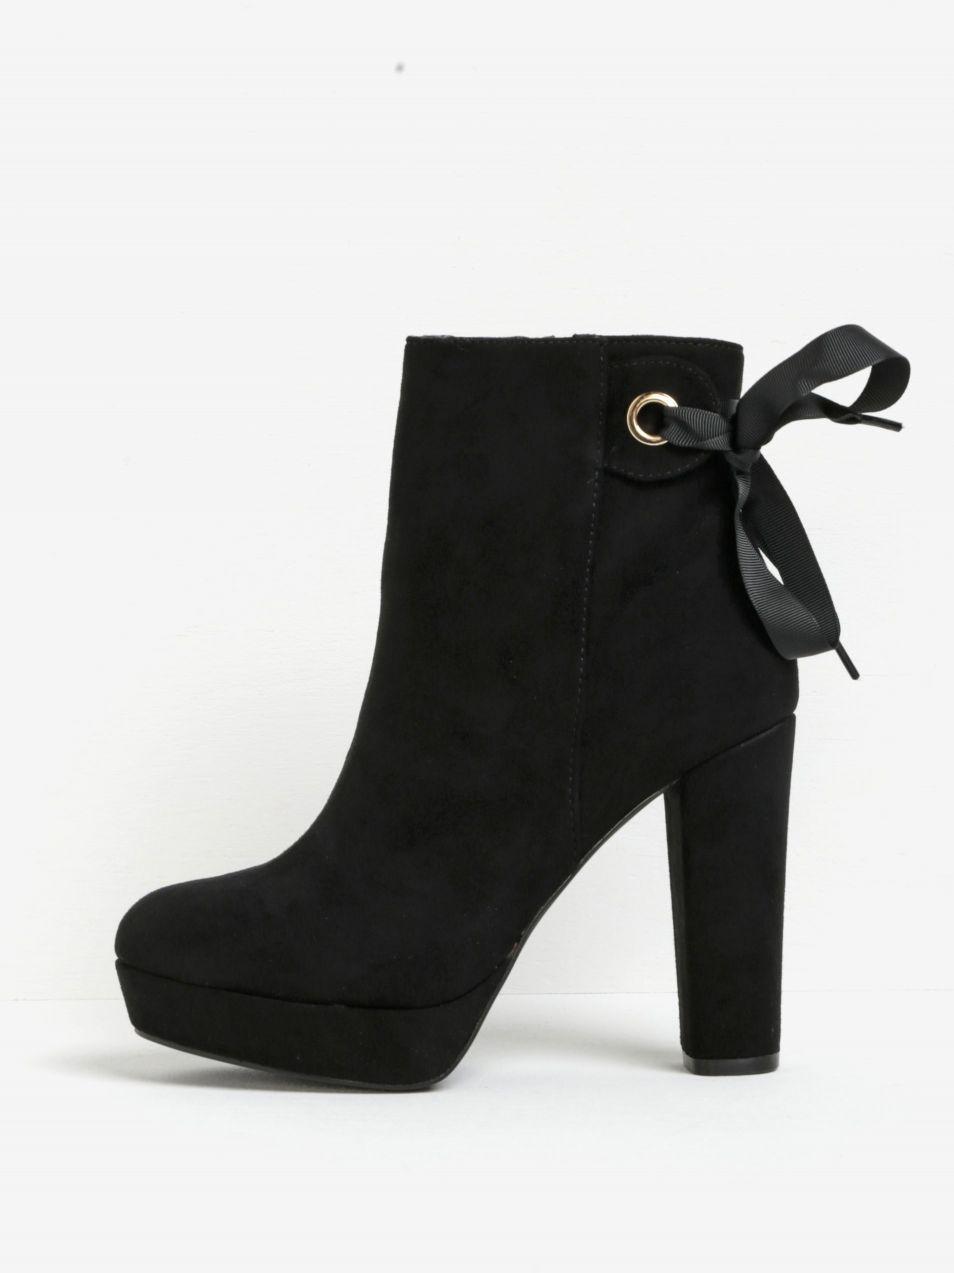 Čierne členkové topánky na podpätku a platforme v semišovej úprave Miss KG  Sheree značky Miss KG - Lovely.sk 1270f7ad007